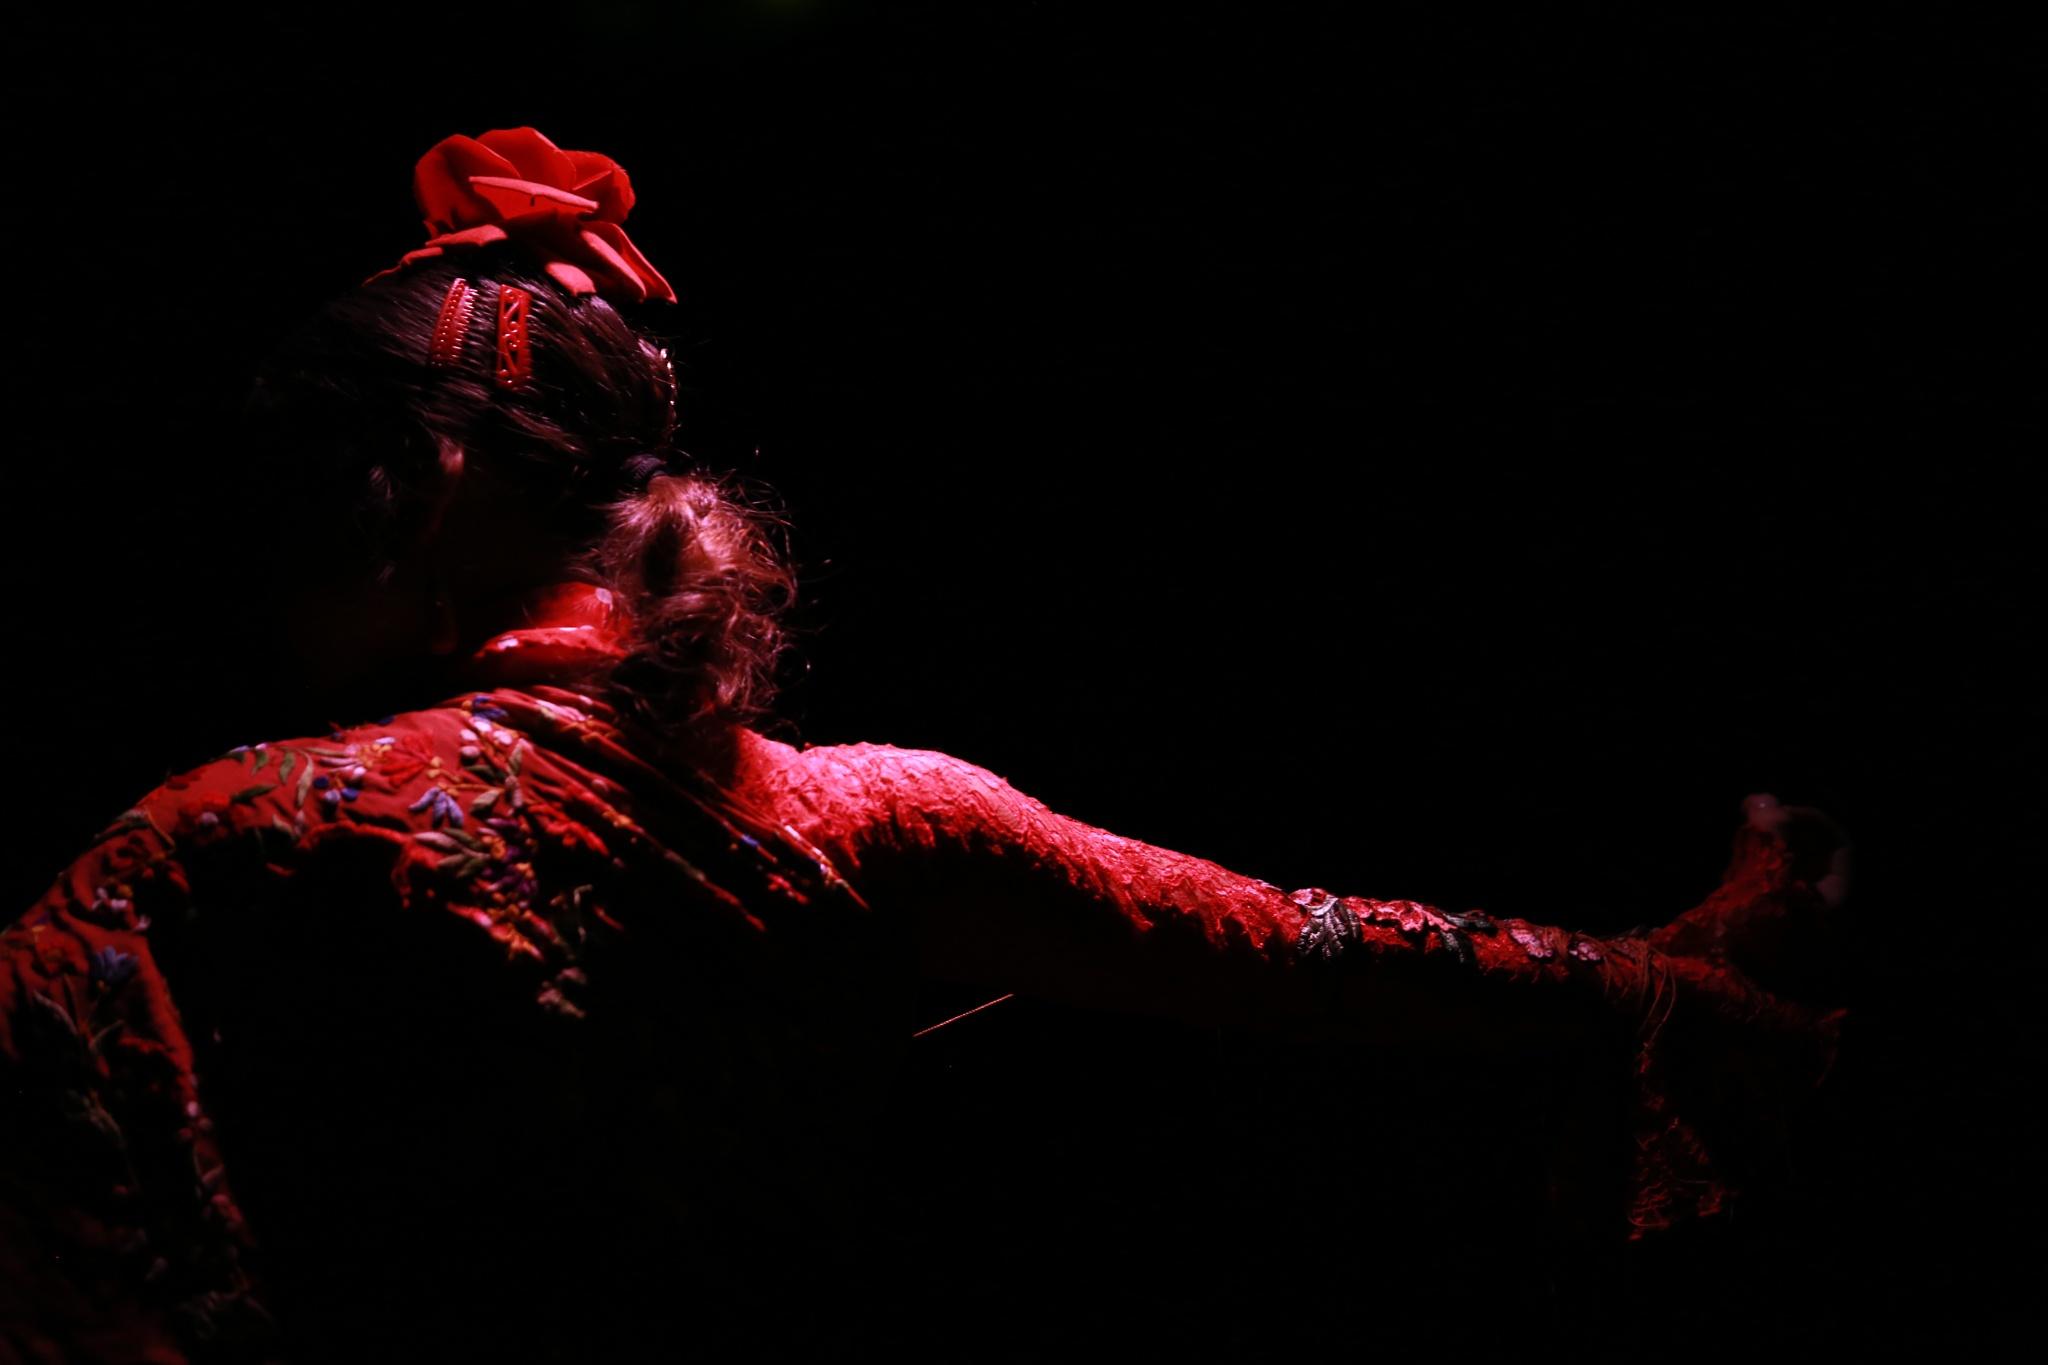 Flamenco by Michel Igielka